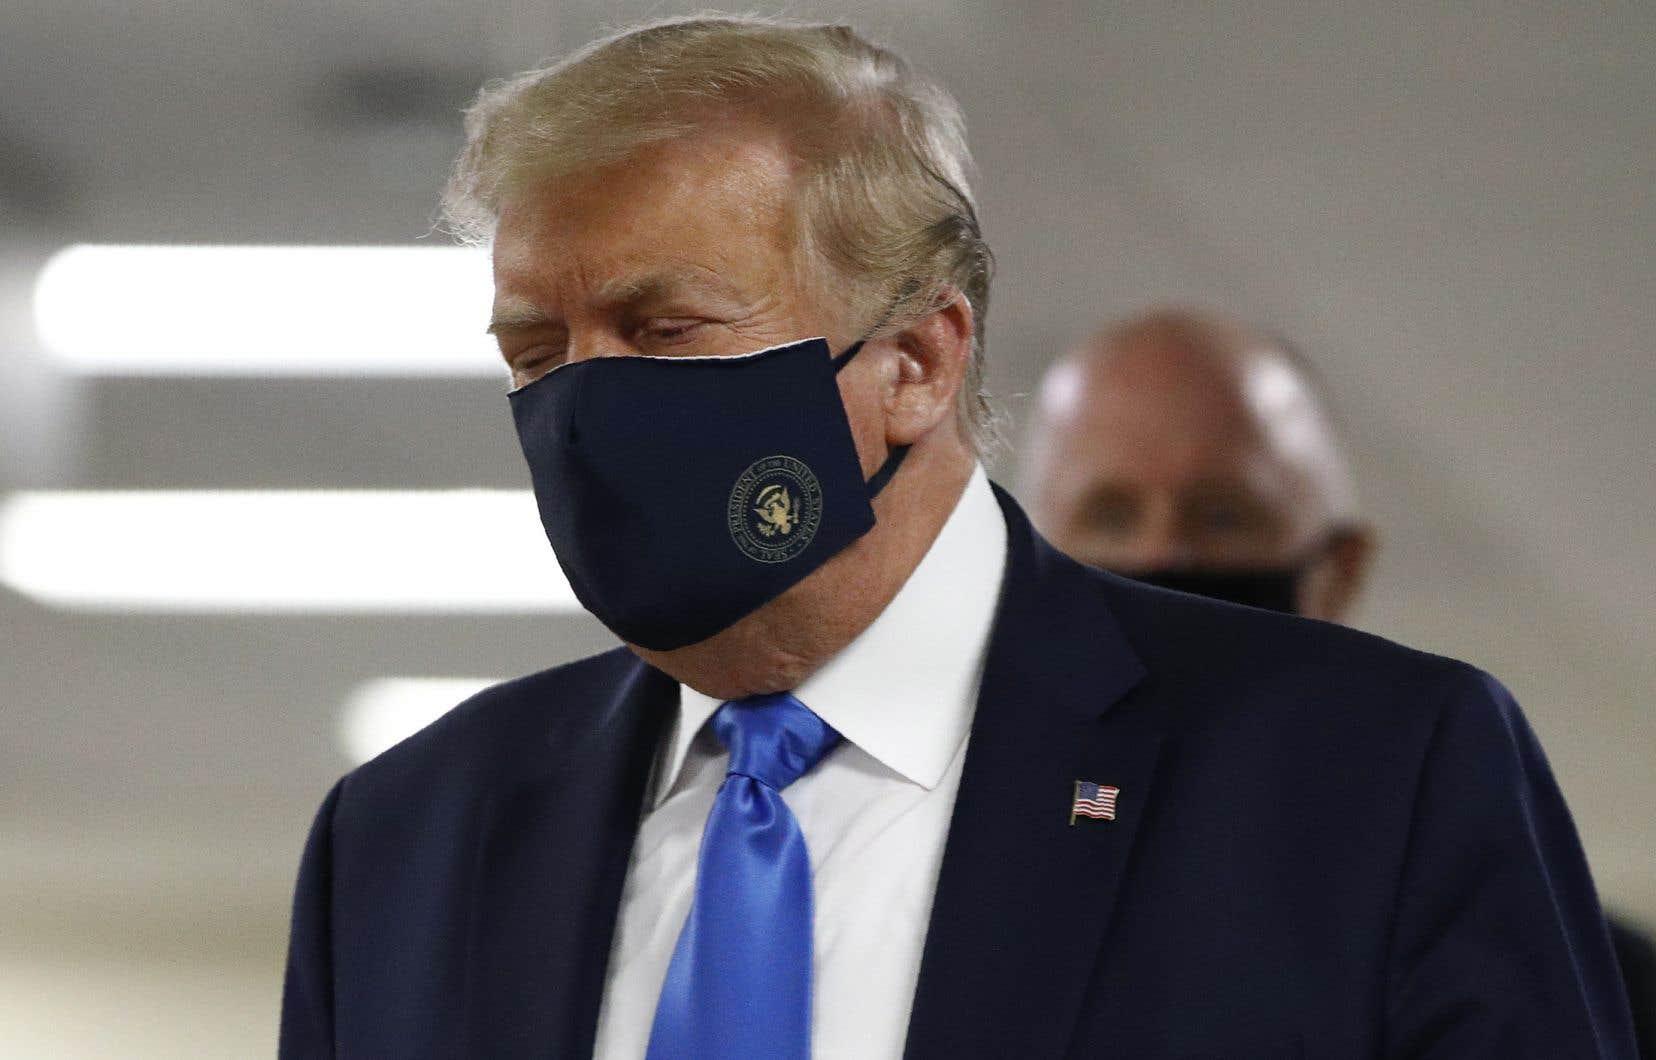 Le président des États-Unis, Donald Trump, portait un couvre-visage lors d'une visite dans un hôpital militaire en banlieue de Washington, samedi.